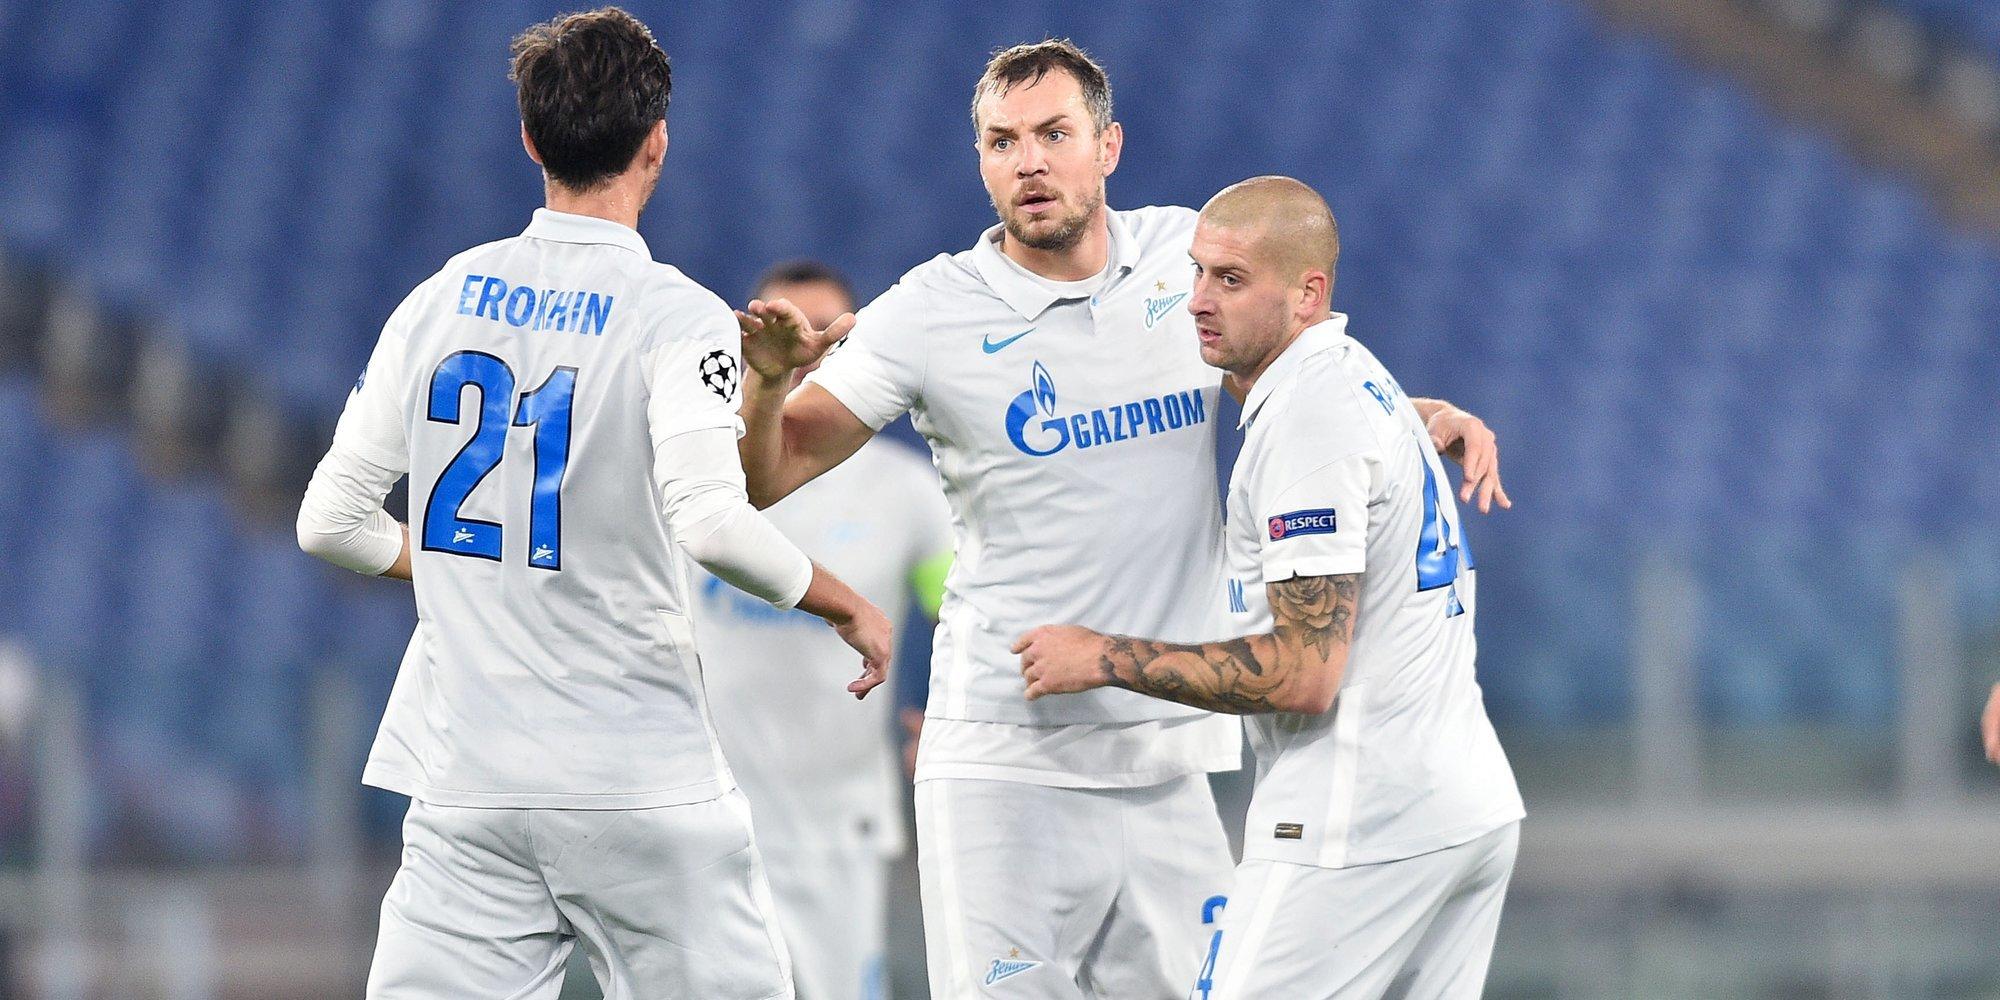 «Зенит» не проигрывает московским клубам дома на протяжении 15 матчей. Это самая длительная серия в истории петербуржцев